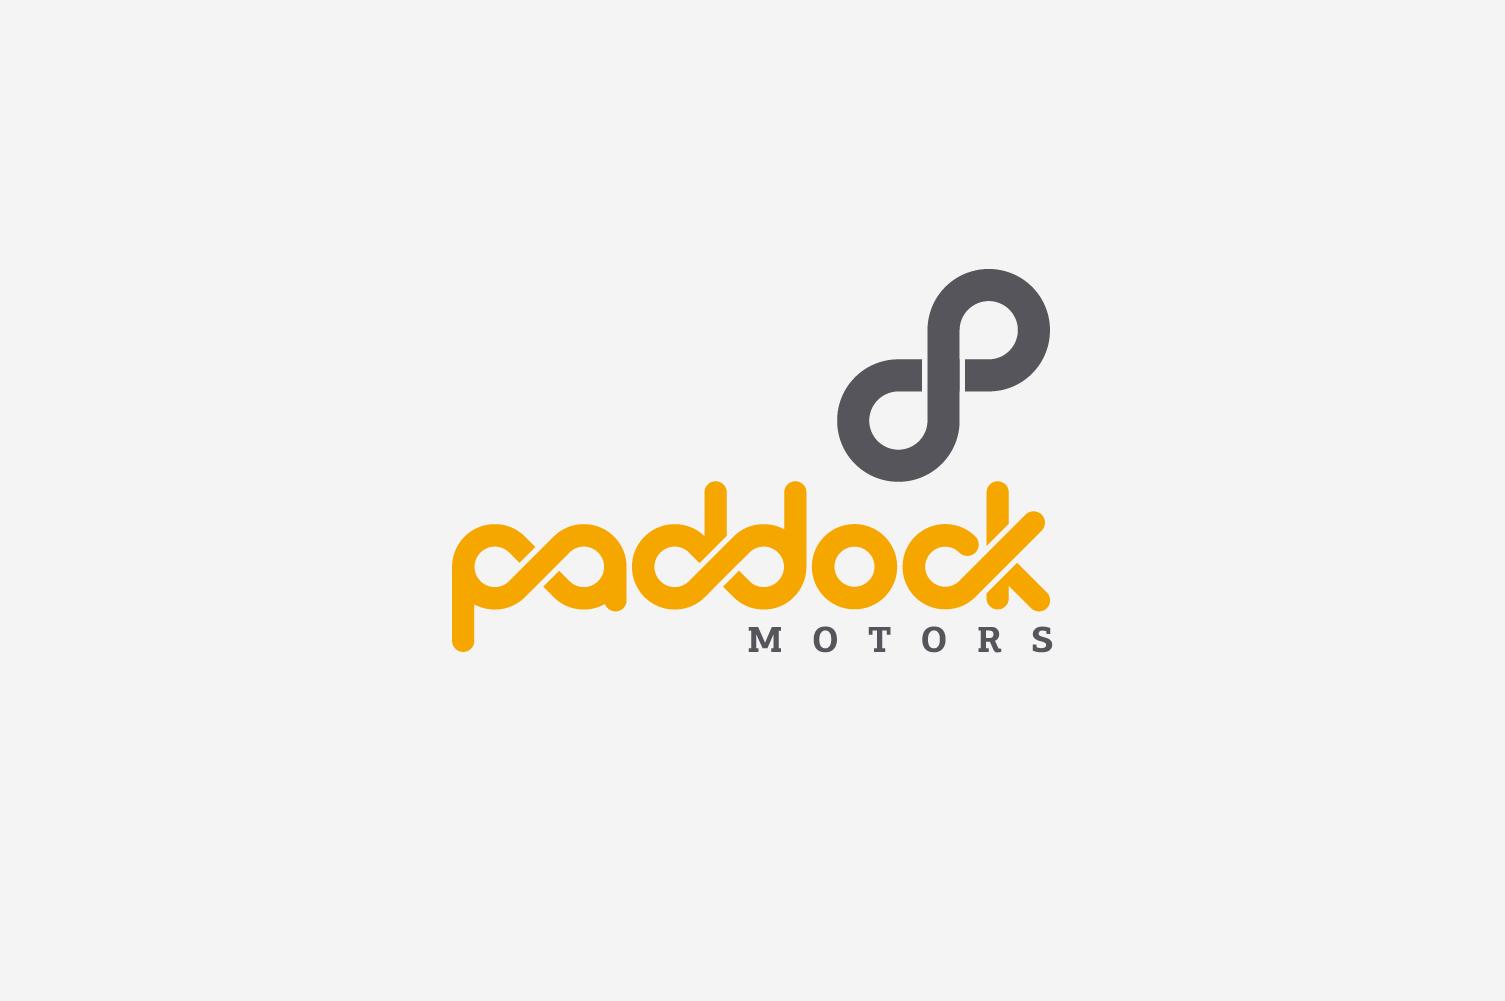 Diseño de logo paddock motors v1